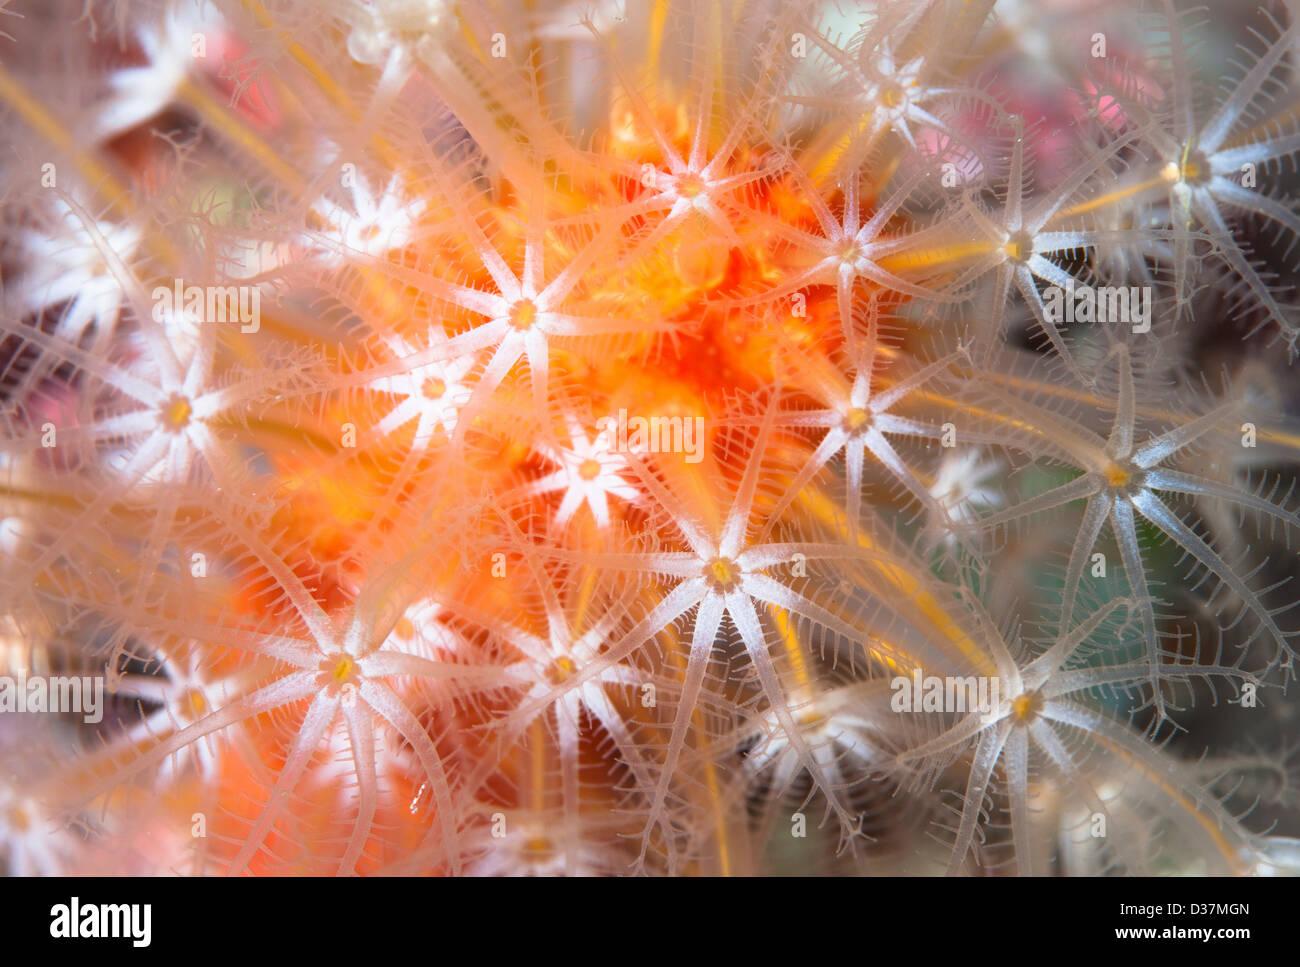 Cerca de coloridas plantas subacuáticas Imagen De Stock